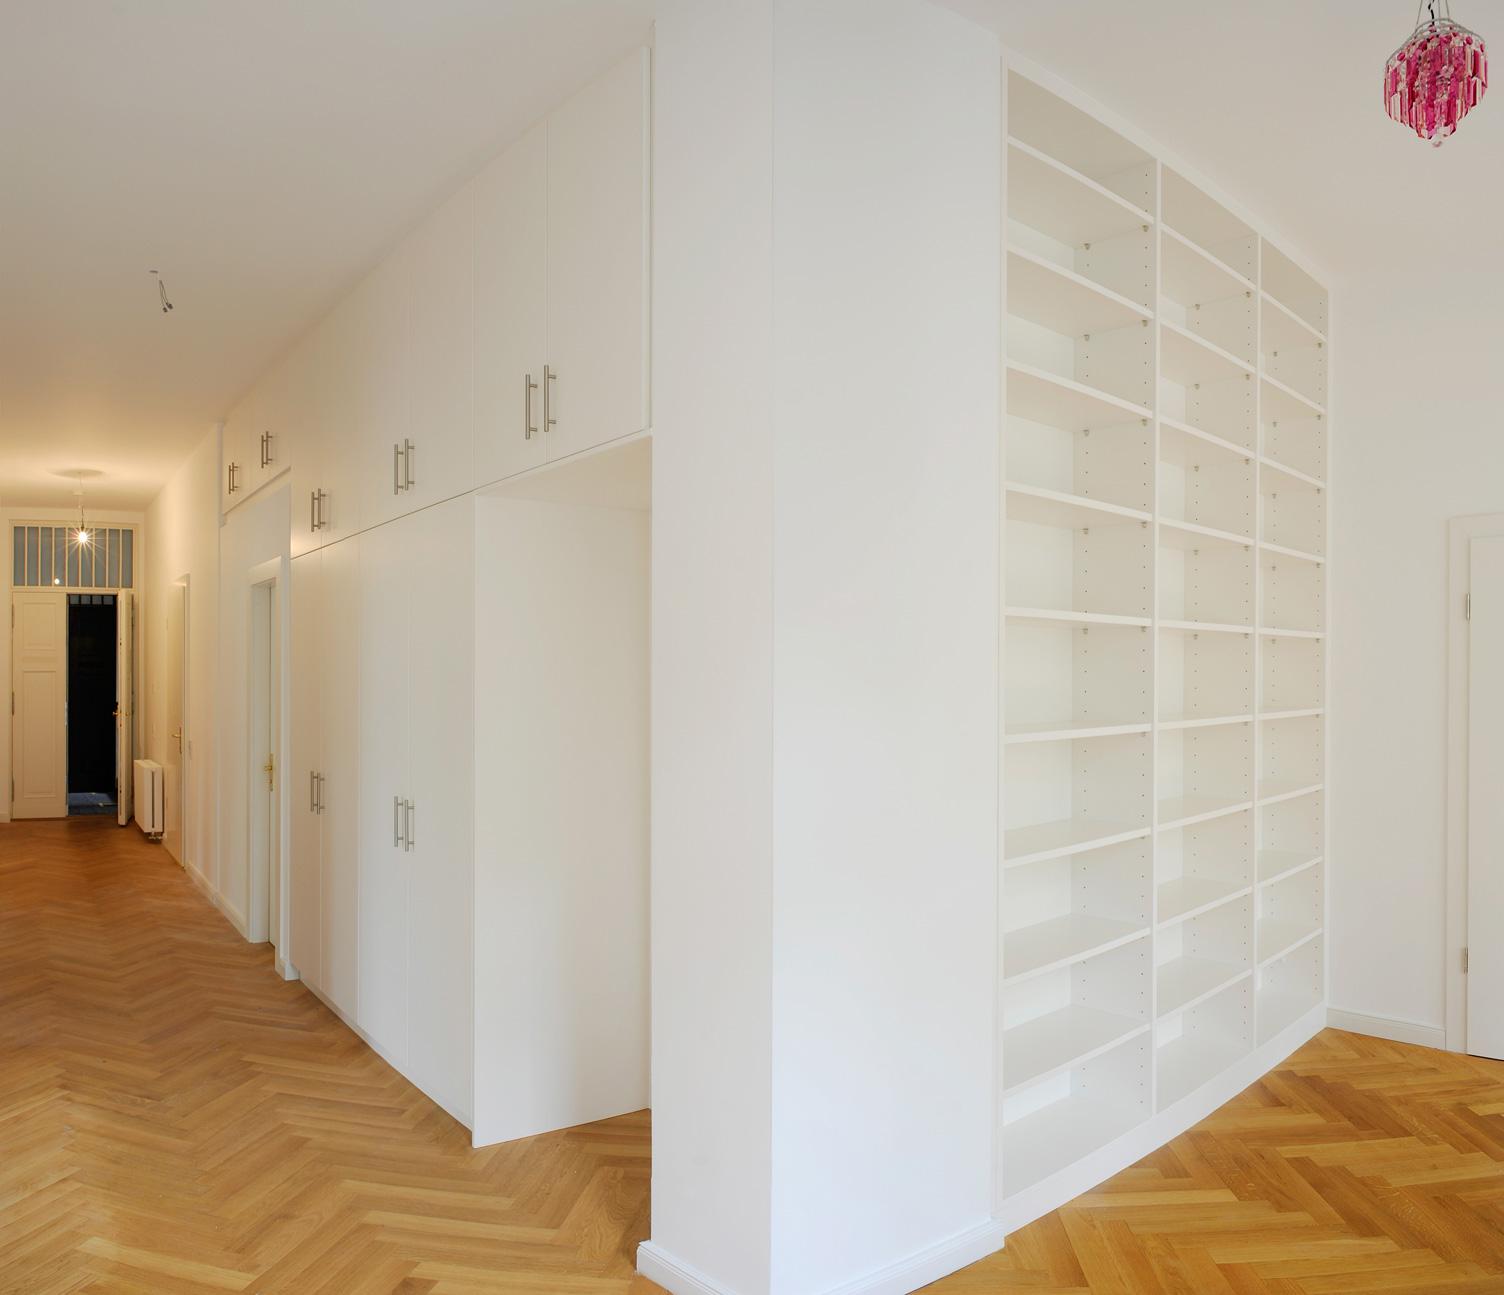 Referenzen - Moebel - Raumteiler - KuV Tischlerei Berlin (1)